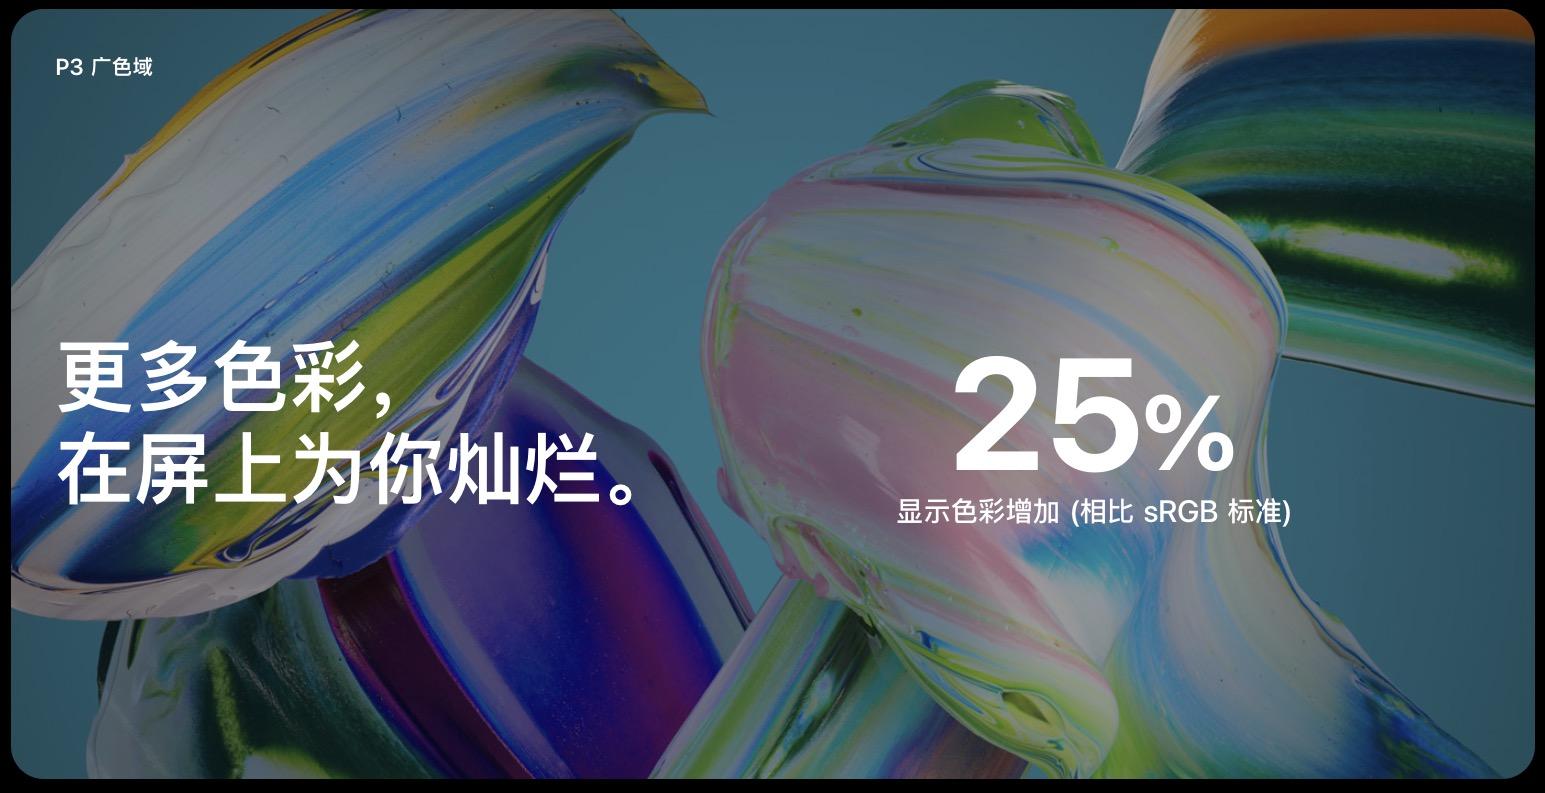 苹果发布全新 MacBook Air:方方面面大提升